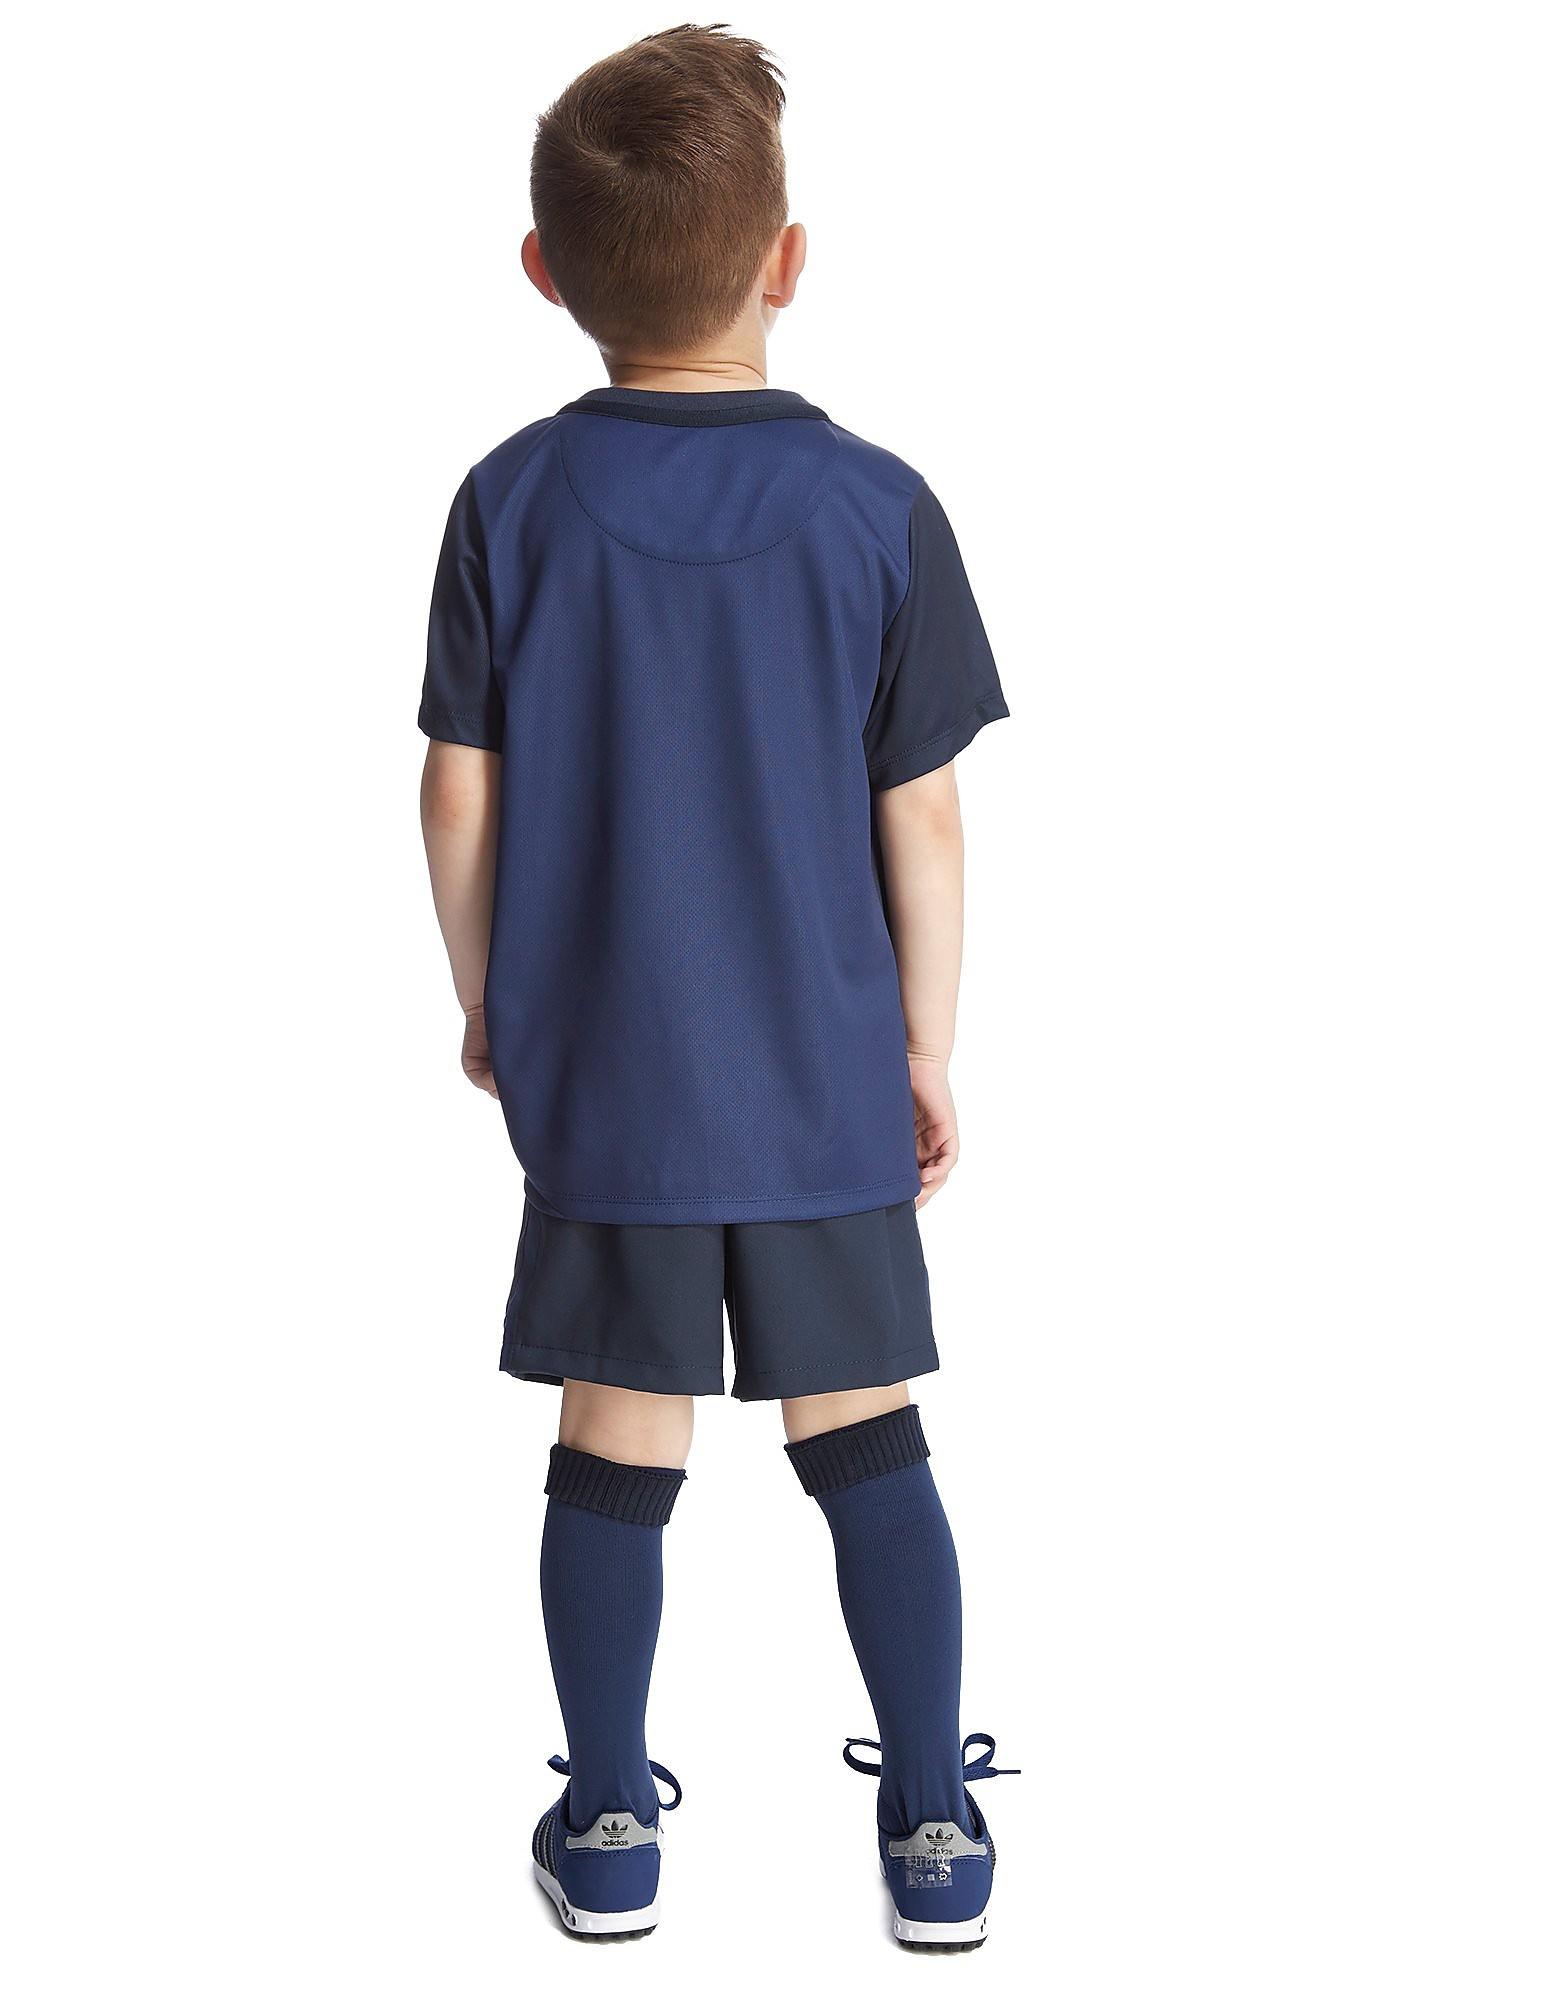 Nike Paris Saint Germain Home 2015 Children Kit